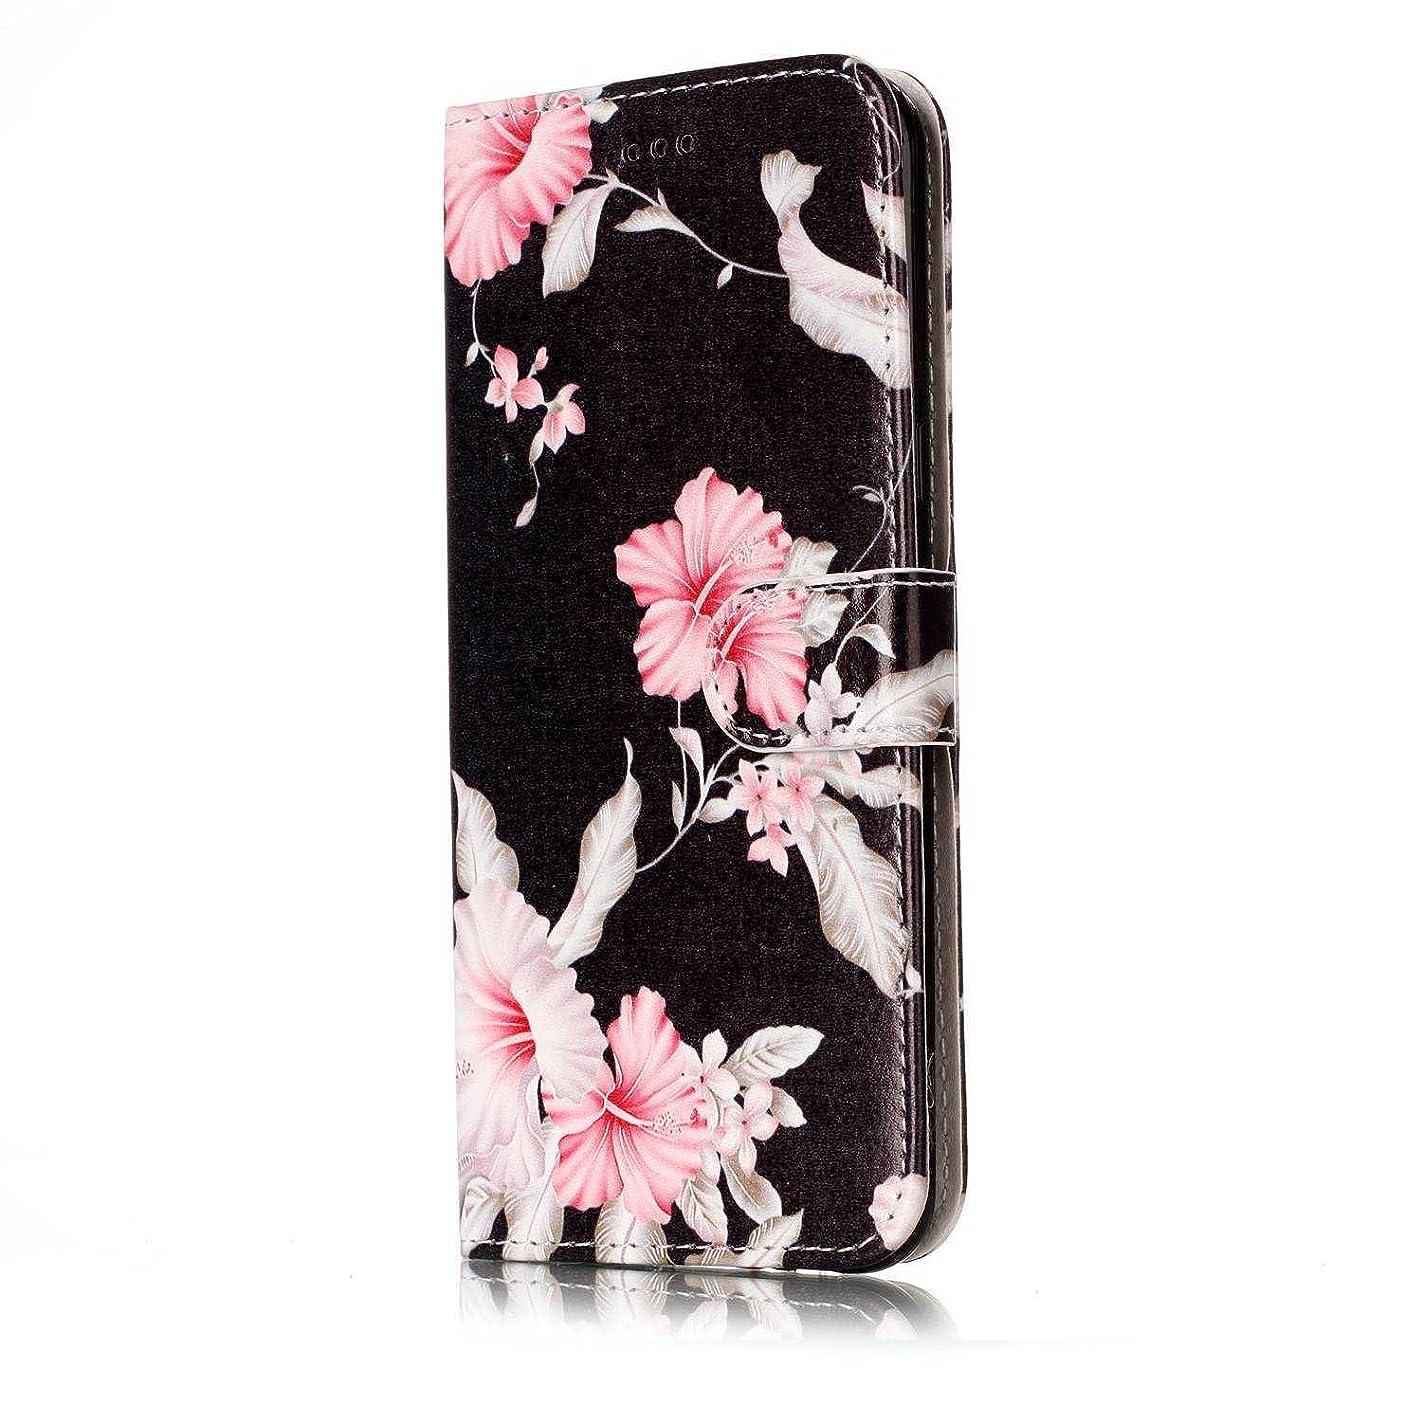 私たちのバリケード膜OMATENTI Galaxy S8 ケース, 簡約風 軽量 良質 PU レザー 財布型 カバー ケース, 人気カバー 衝撃吸収 液晶保護, カード収納 横置きスタンド機能付き マグネット Galaxy S8 用 Case Cover, 黒花